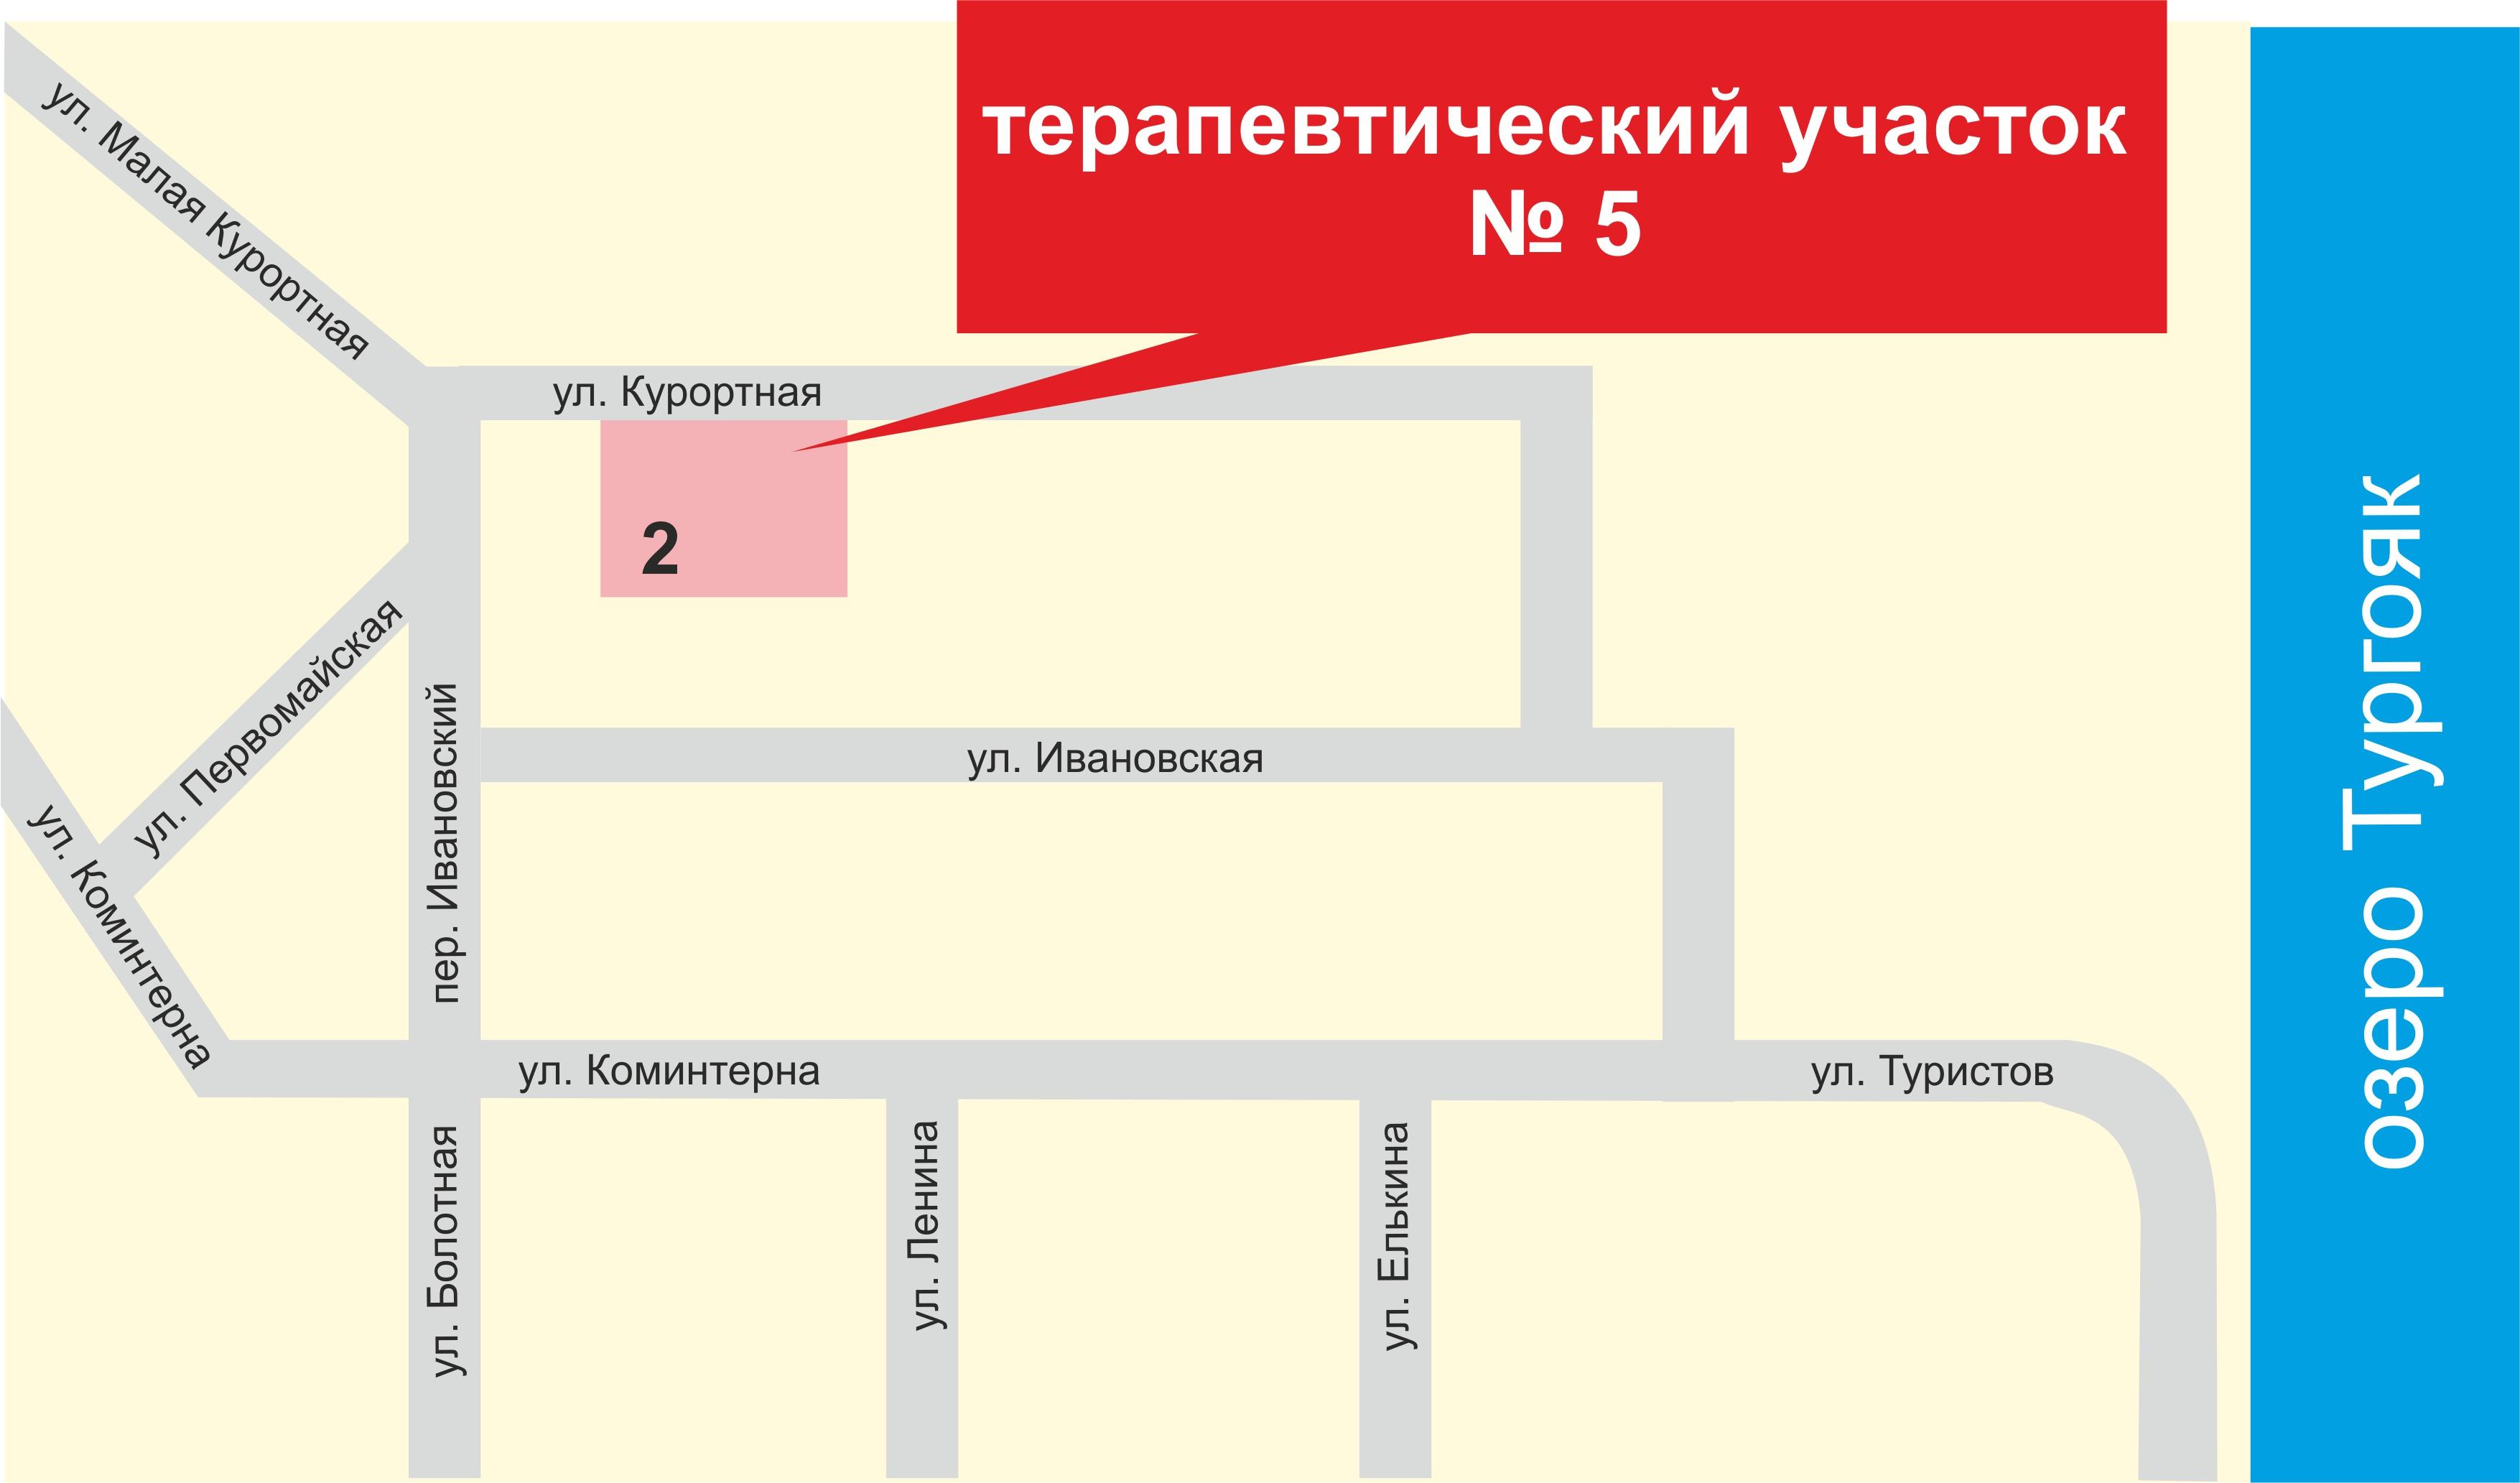 Стоматологическая клиника 8 новомосковск